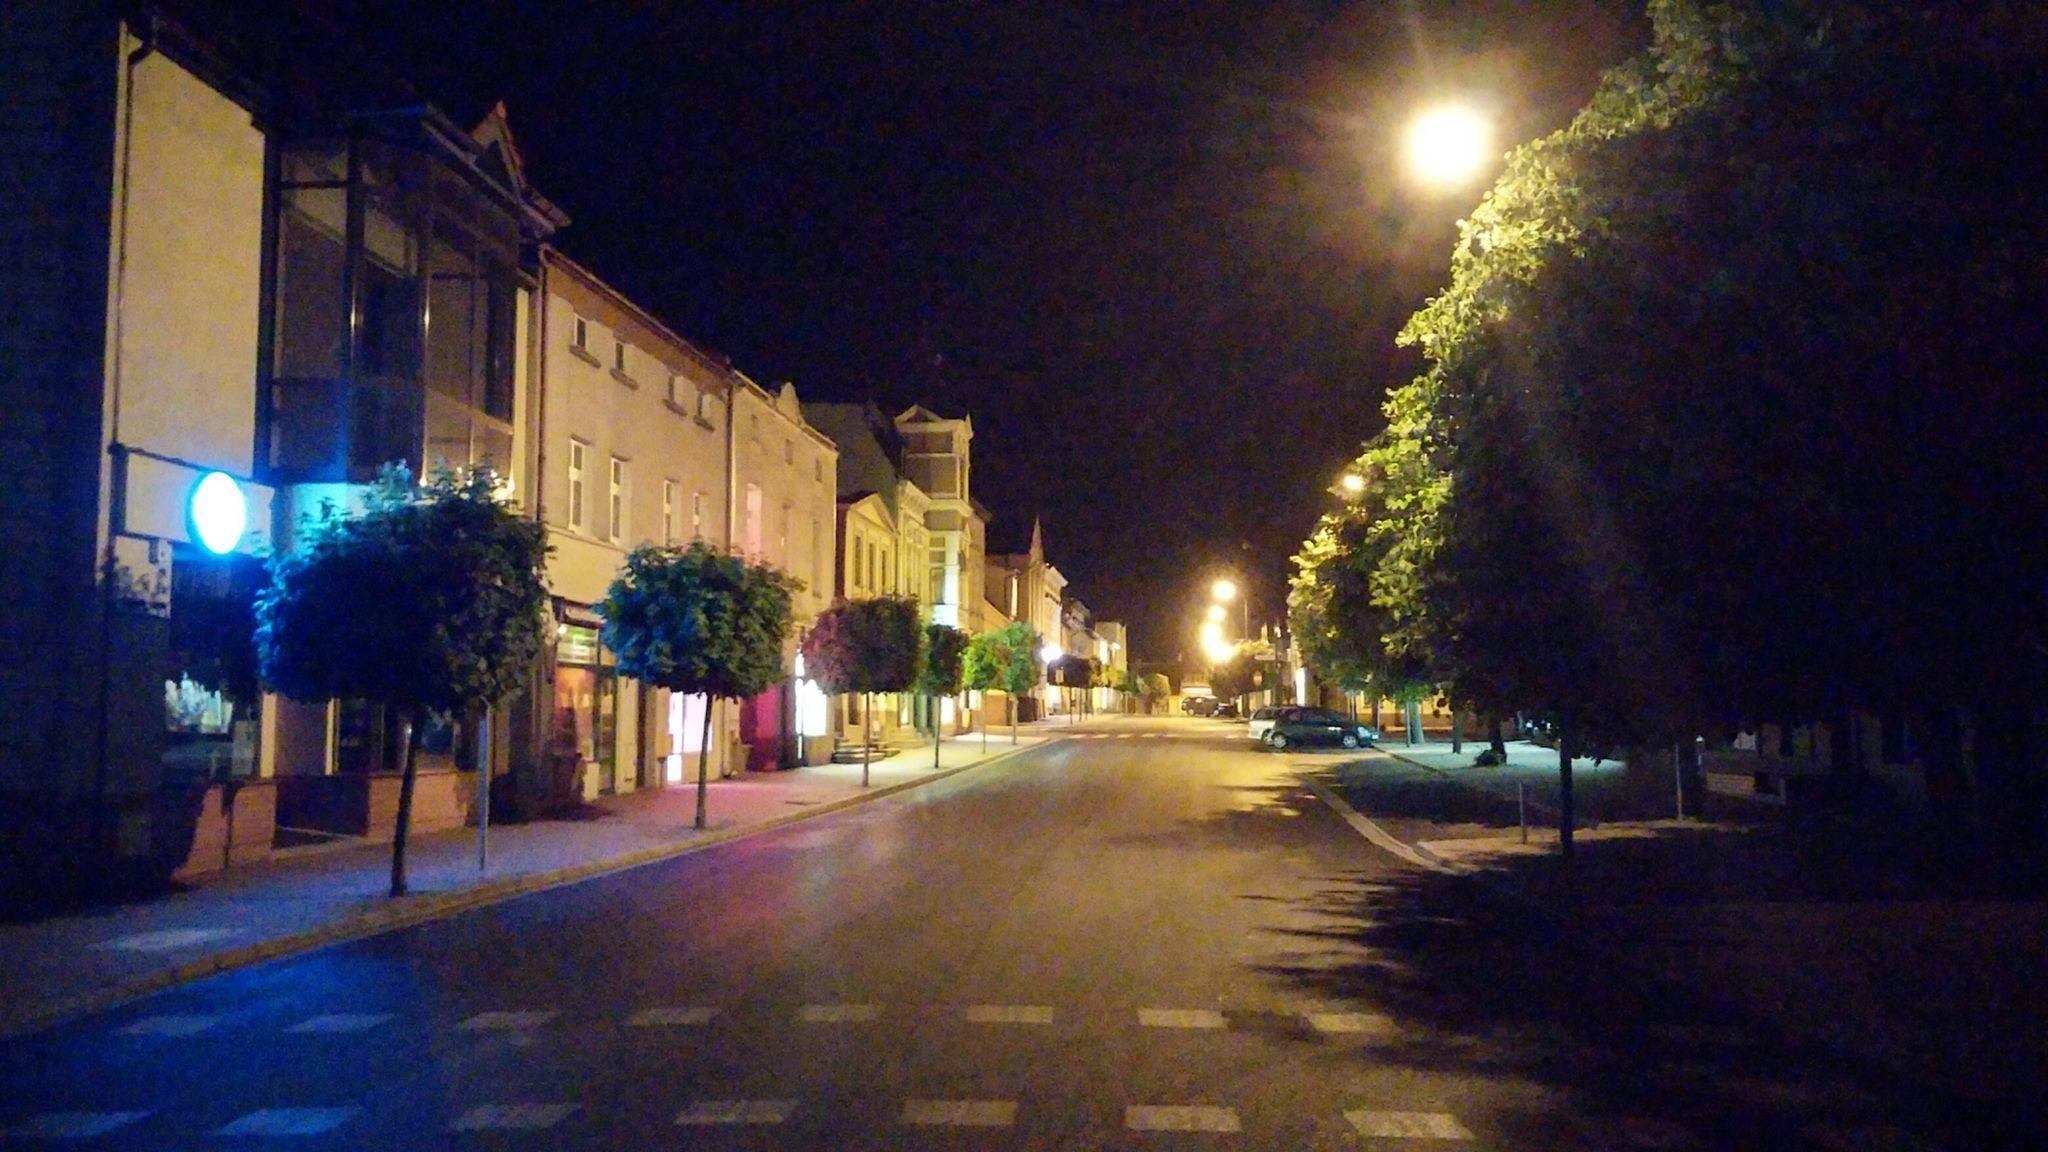 Aleja Jana Pawła II w Wągrowcu. #wagrowiec #wielkopolska #polska #poland #wągrowiec #ulica #street #night #noc #jp2 Fot. Ł. Cieślak